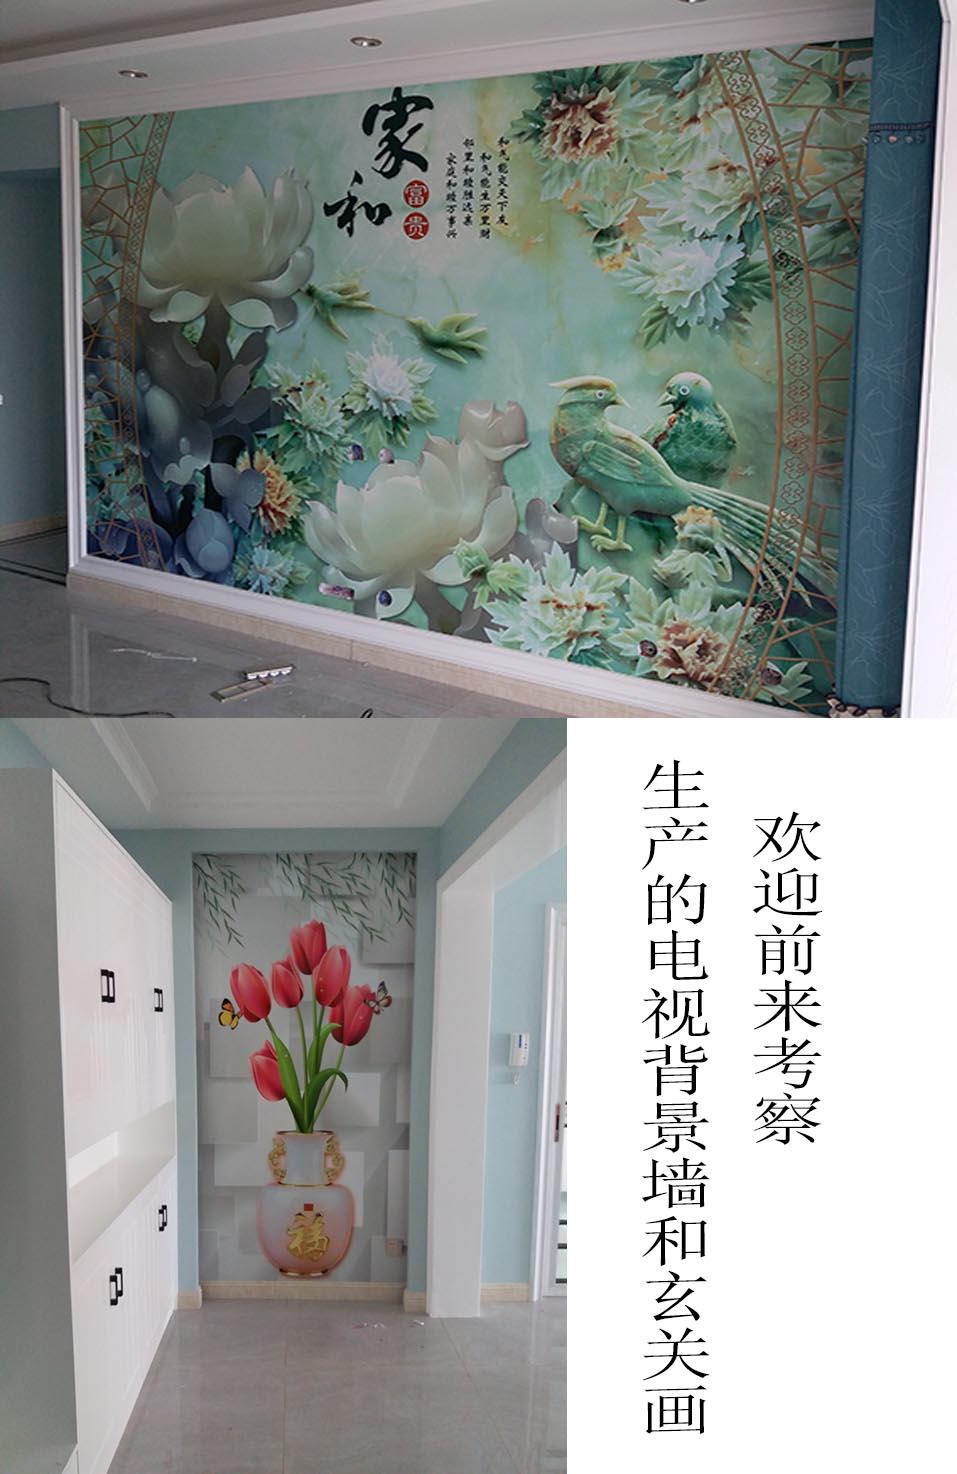 室内装饰画、电视背景墙生产设备转让